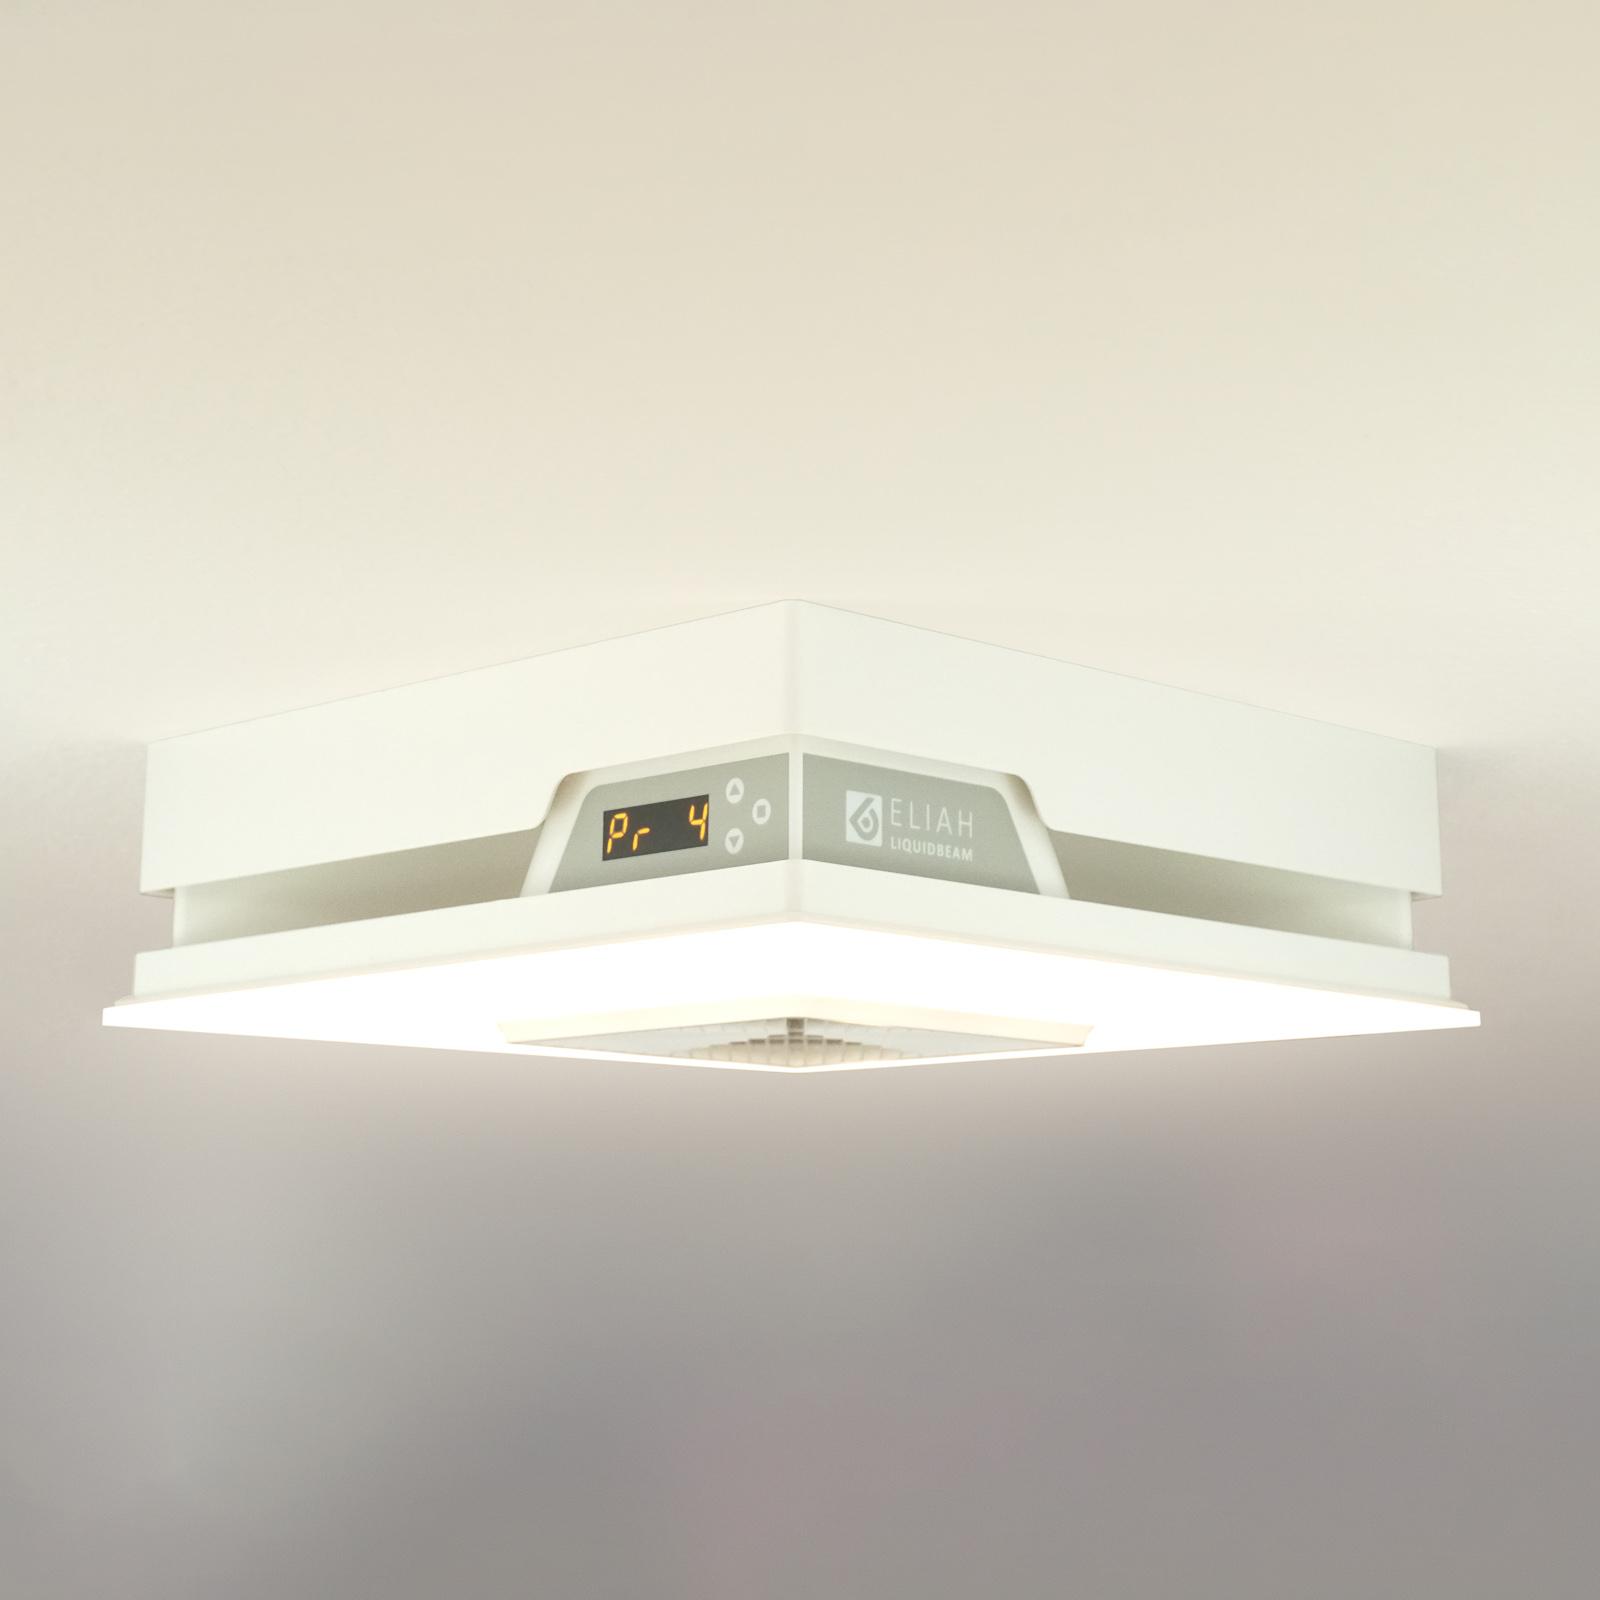 LED plafondlamp Eliah met ingebouwde verwarming